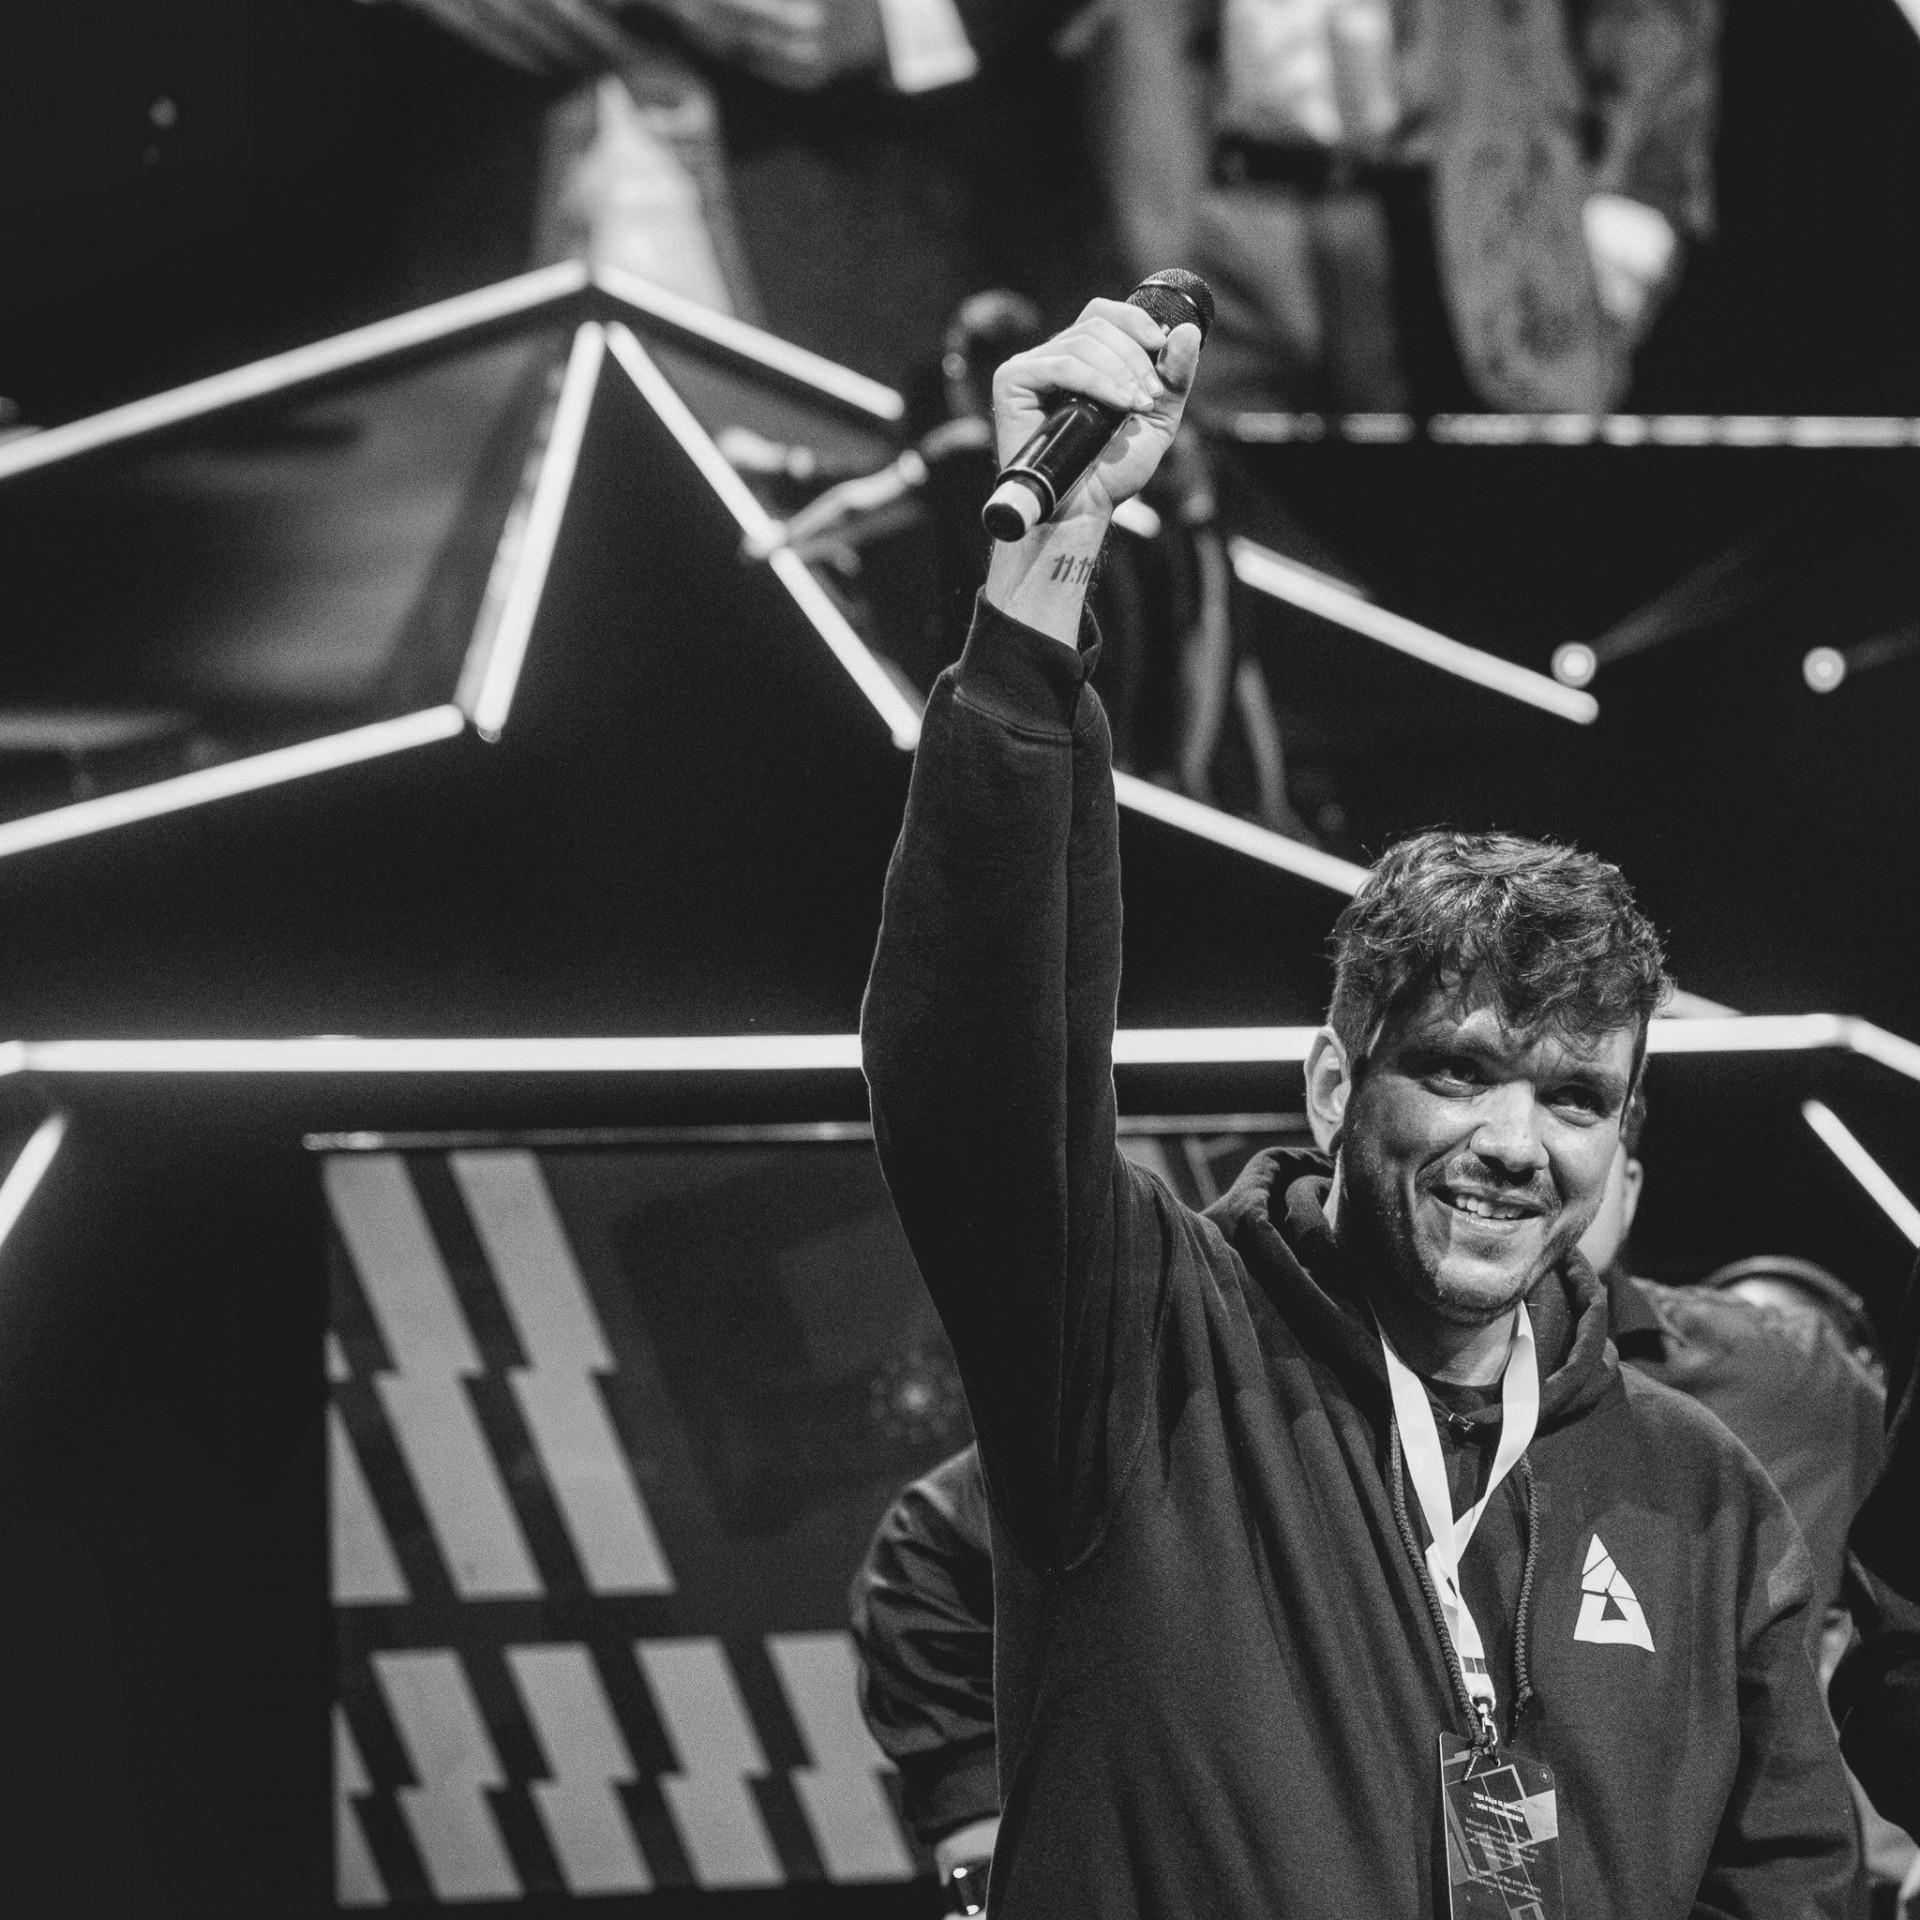 Alexandre Borba Chiqueta, conhecido como Gaulês, é o maior streamer do Brasil e um dos mais importantes do mundo. Ele usou as suas redes sociais para criticar a cobertura da imprensa sobre a pandemia(Foto: REPRODUÇÃO TWITTER)